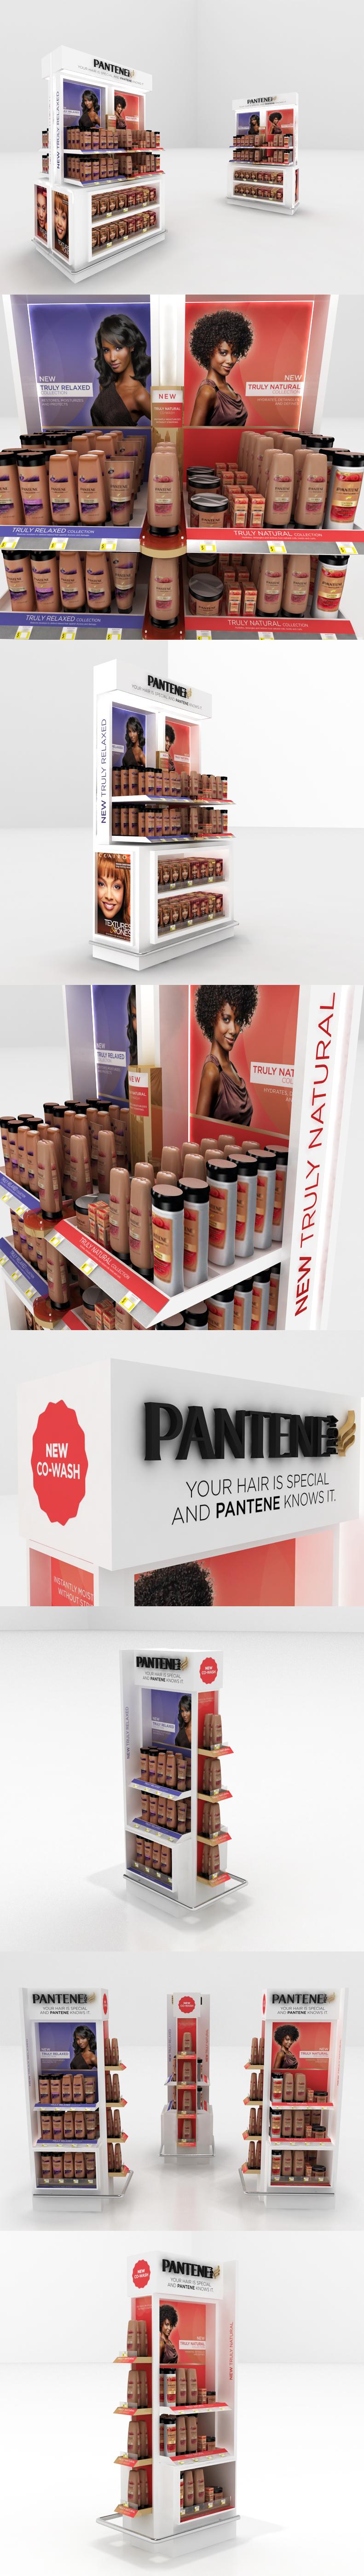 New Pantene Collection Exhibition. Caribbean market: Montego Bay, Jamaica, Bahamas, Trinidad, St. Marteen, Curacao, Barbados, Aruba.